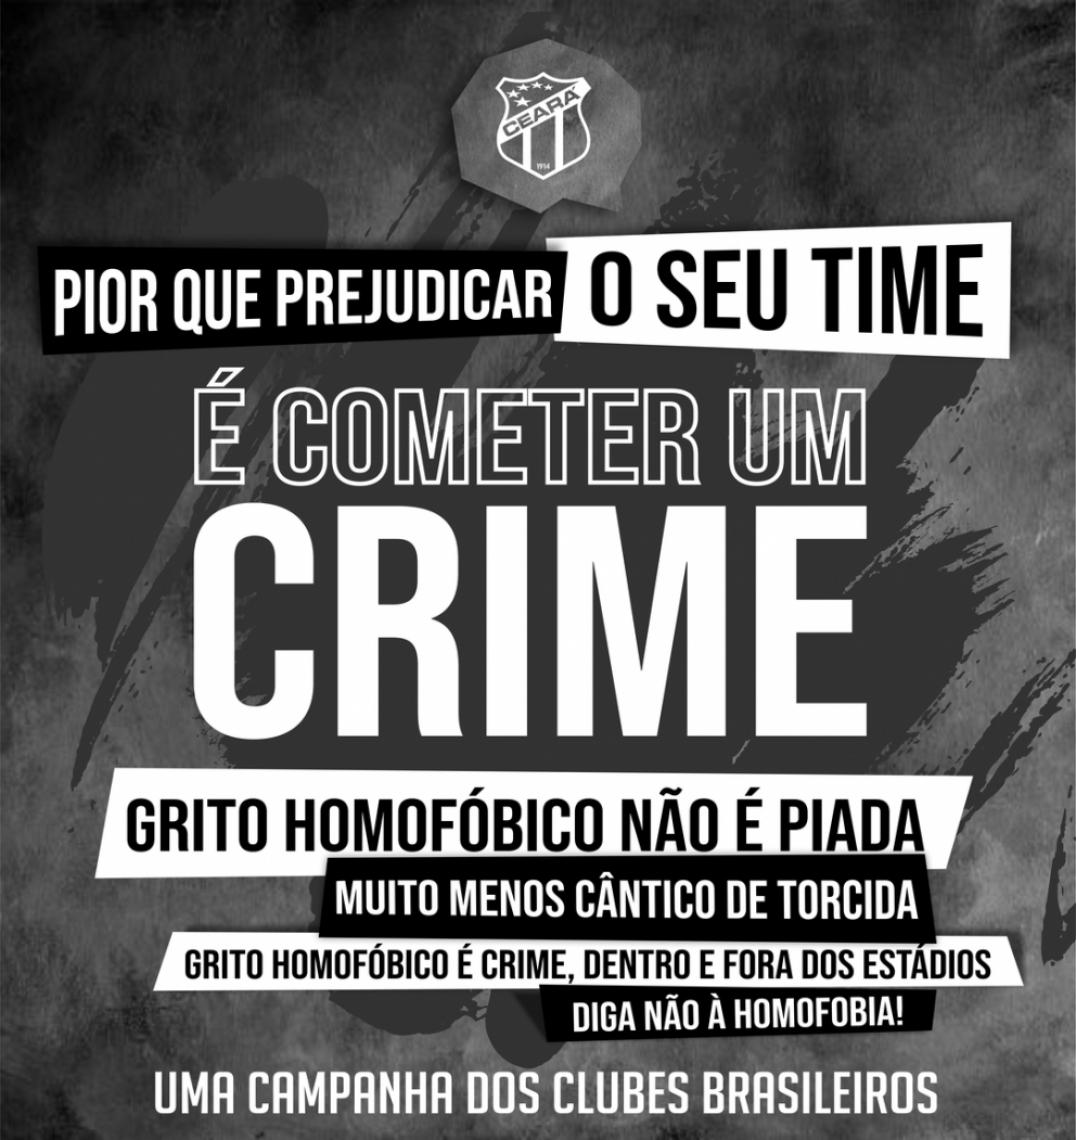 Ceará também se posiciona contra a homofobia no futebol.